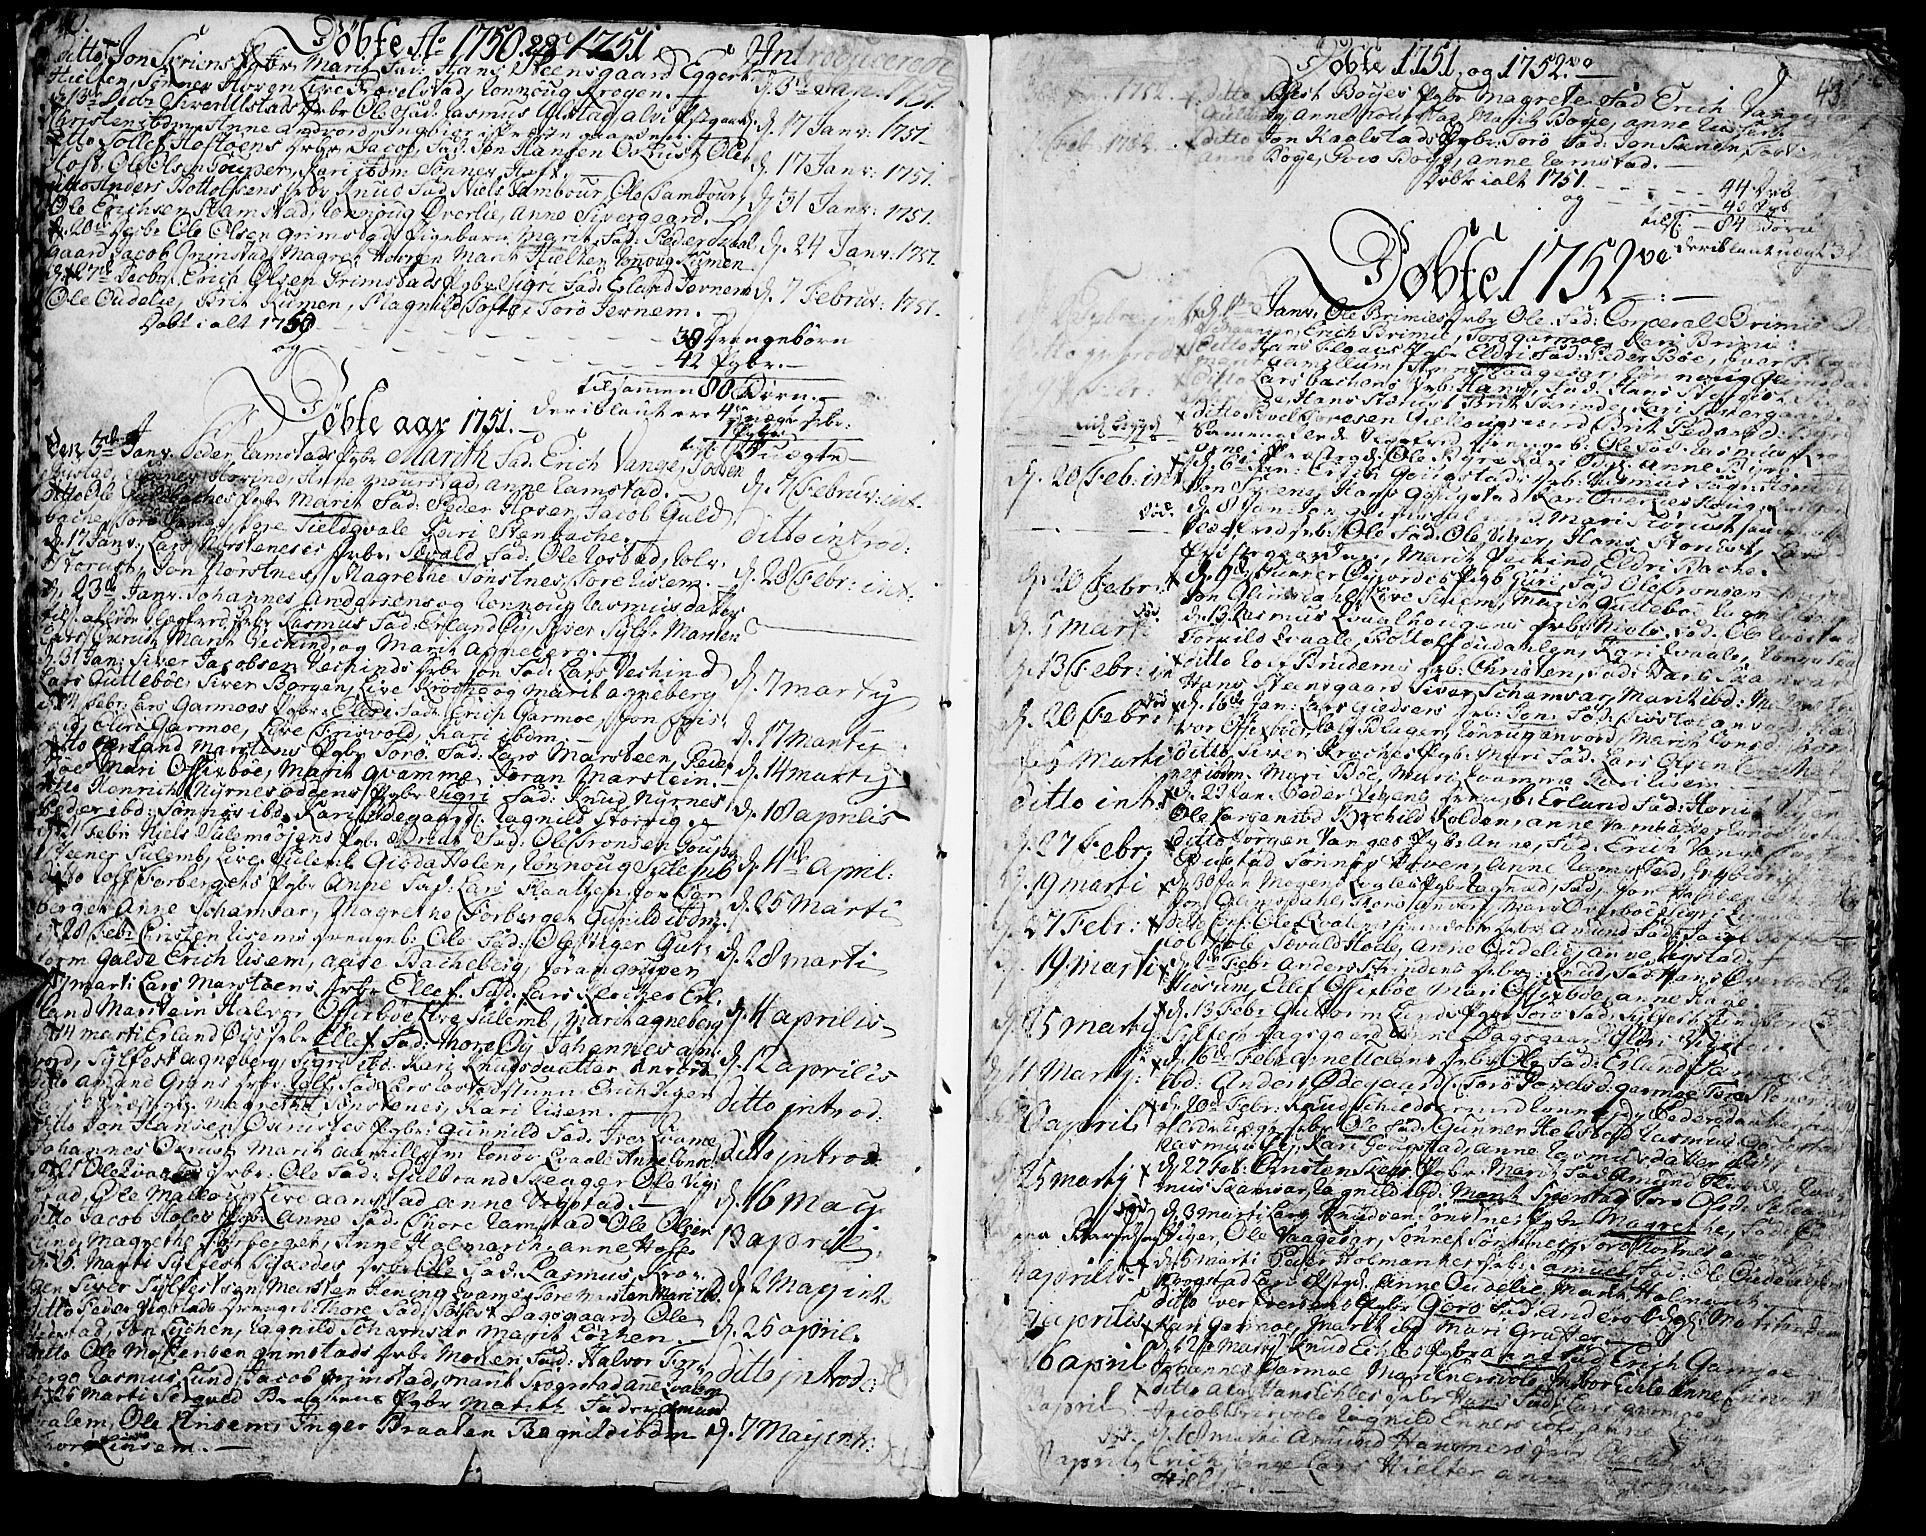 SAH, Lom prestekontor, K/L0002: Ministerialbok nr. 2, 1749-1801, s. 40-43